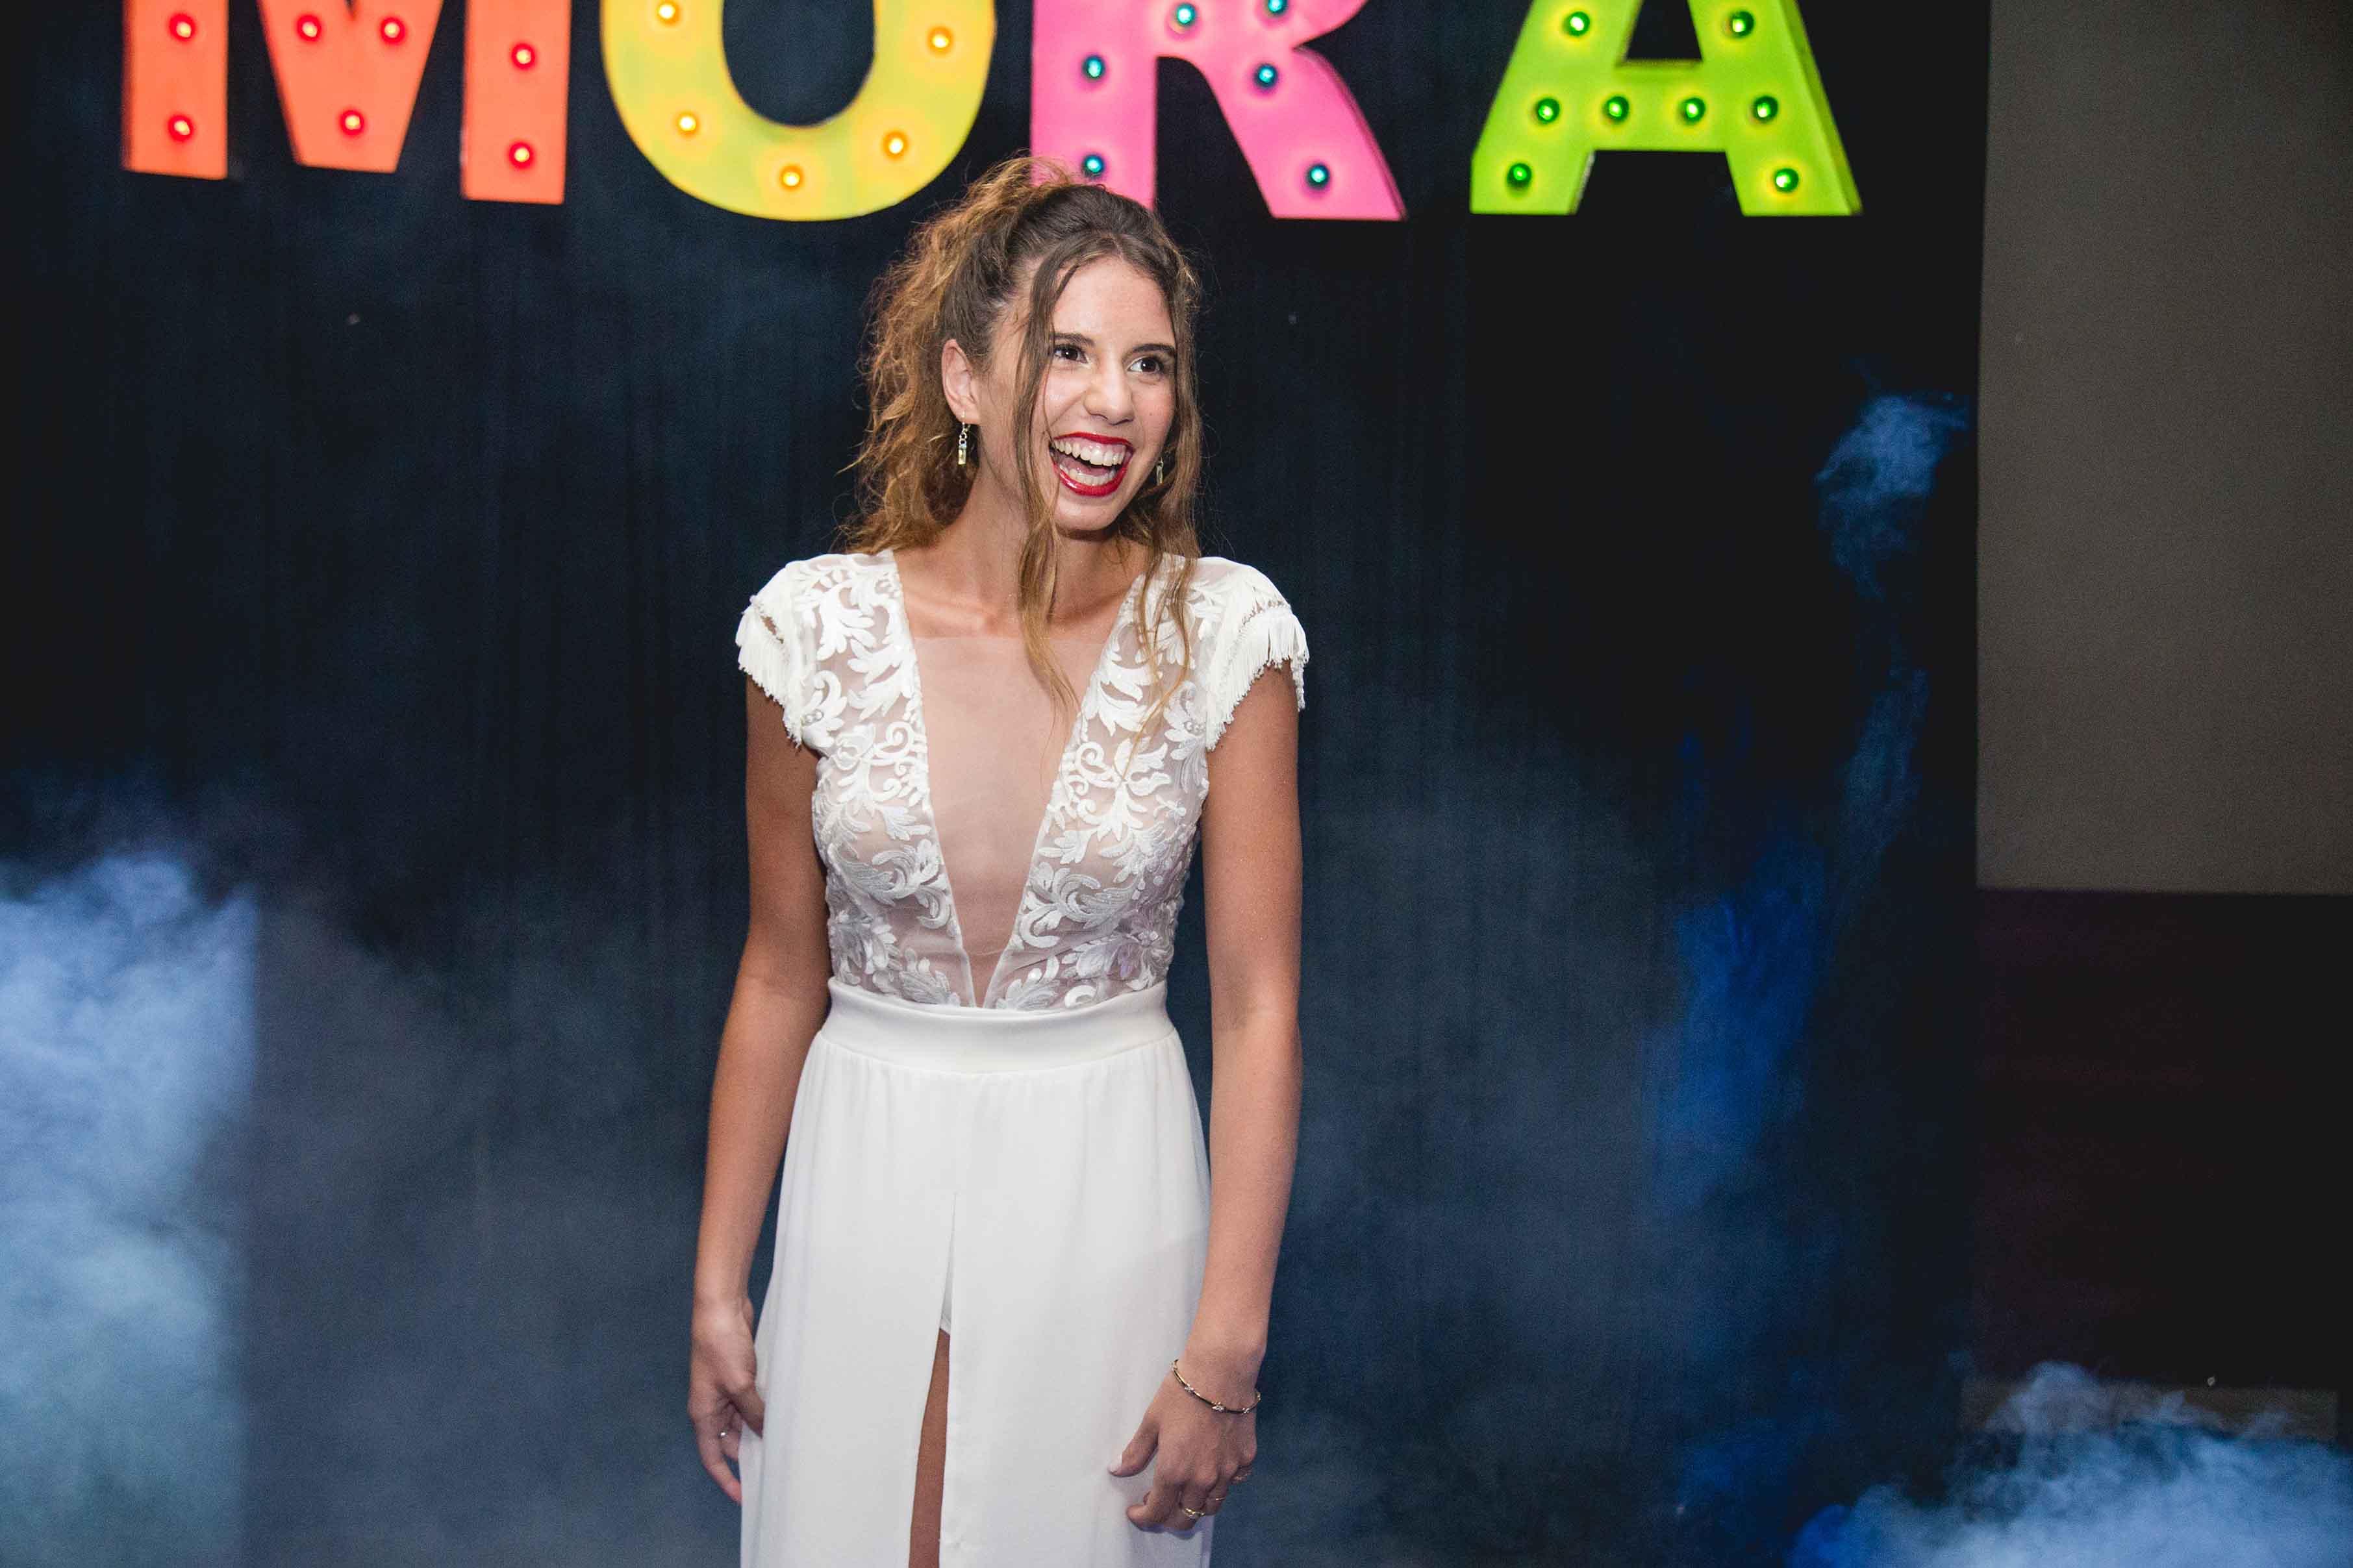 Fotos de la fiesta de XV de Mora en Rosario. Realizadas por Bucle Fotografias Flor Bosio y Caro Clerici